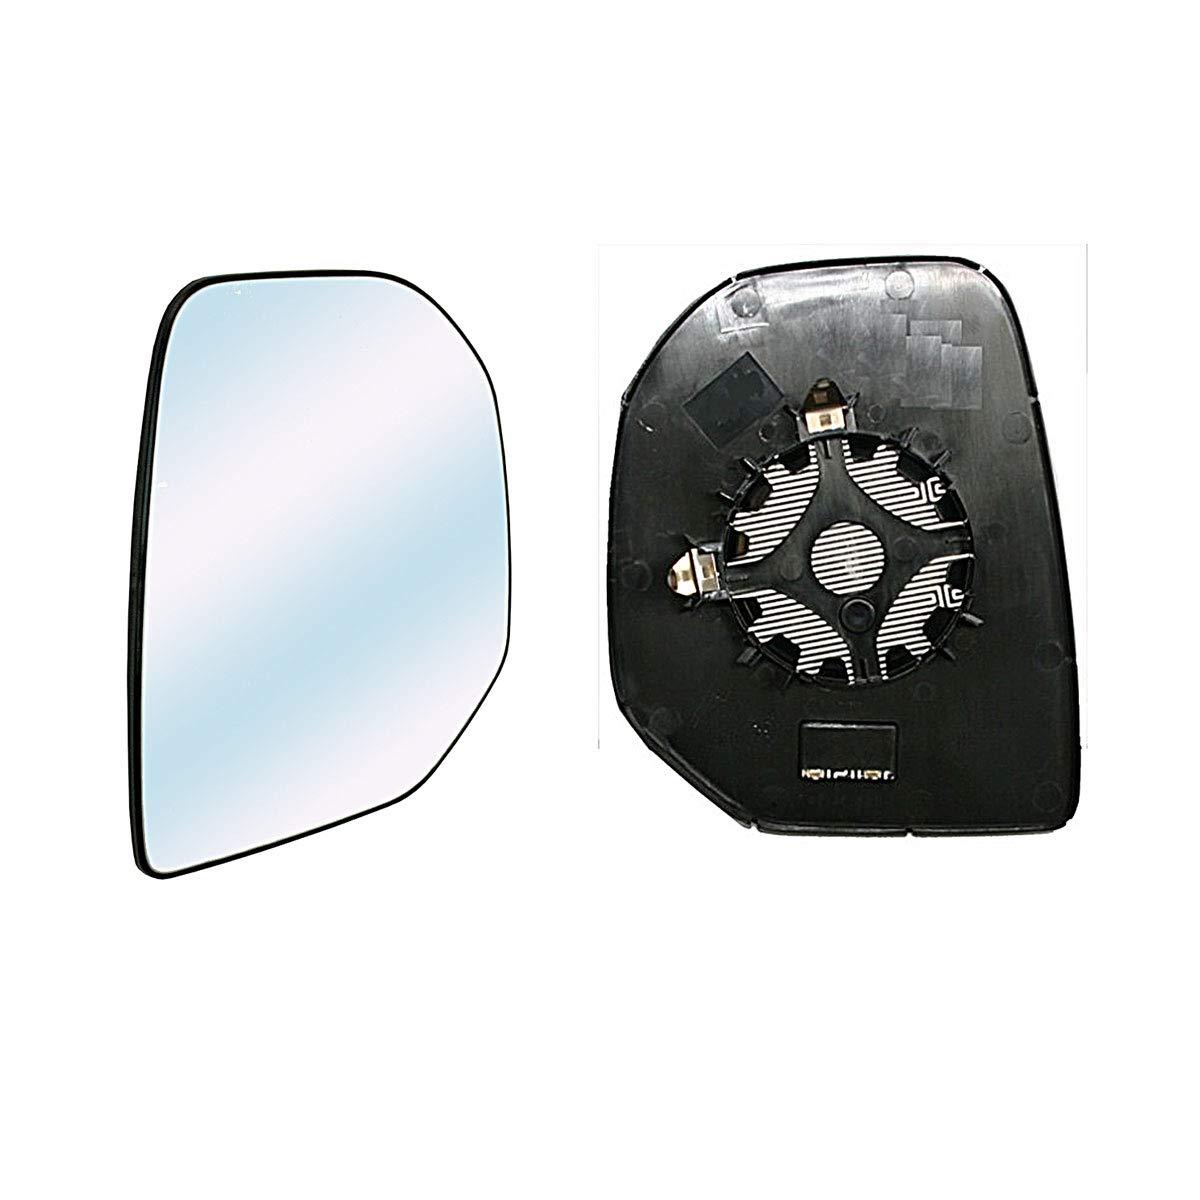 Vetro Specchio Retrovisore Destro termico per CITROEN BERLINGO dal 2008 a 2011